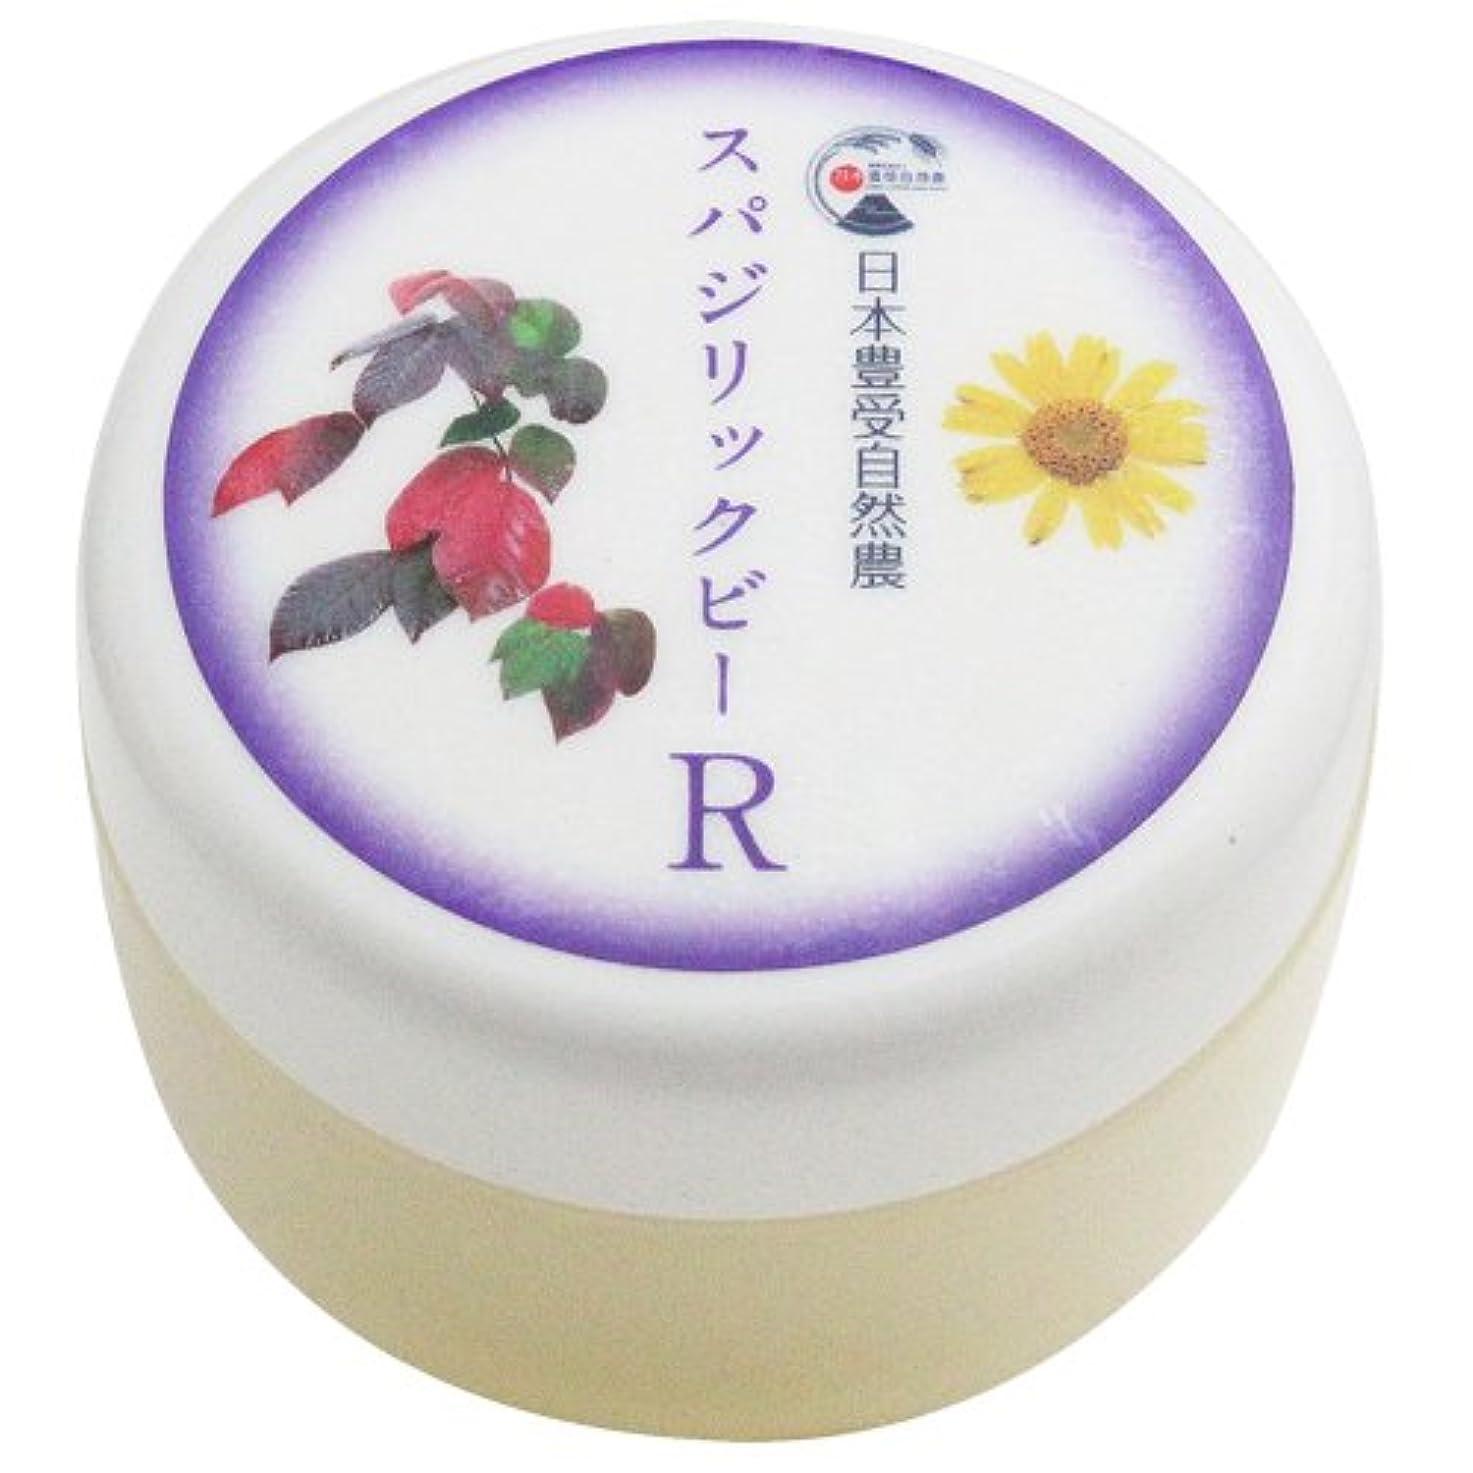 目指すルネッサンス容器日本豊受自然農 スパジリック ビーR(特大)135g